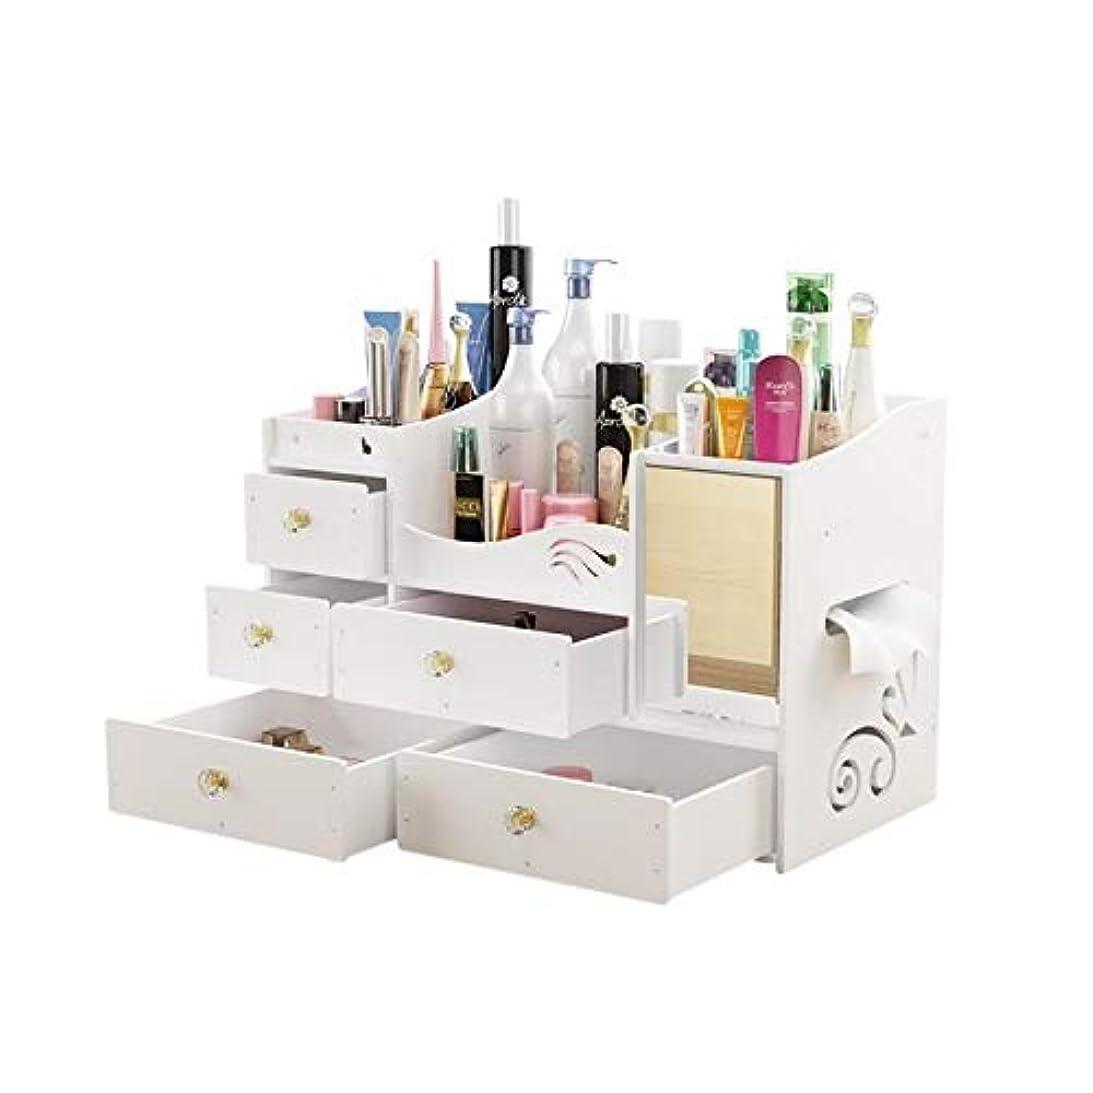 上に並外れて誠実さSTORAGE BOX PINGFUFF 化粧品収納ボックス、デスクトップ木製収納ボックス、ミラー付きDIY化粧品ケースミラー付きスキンケアラック